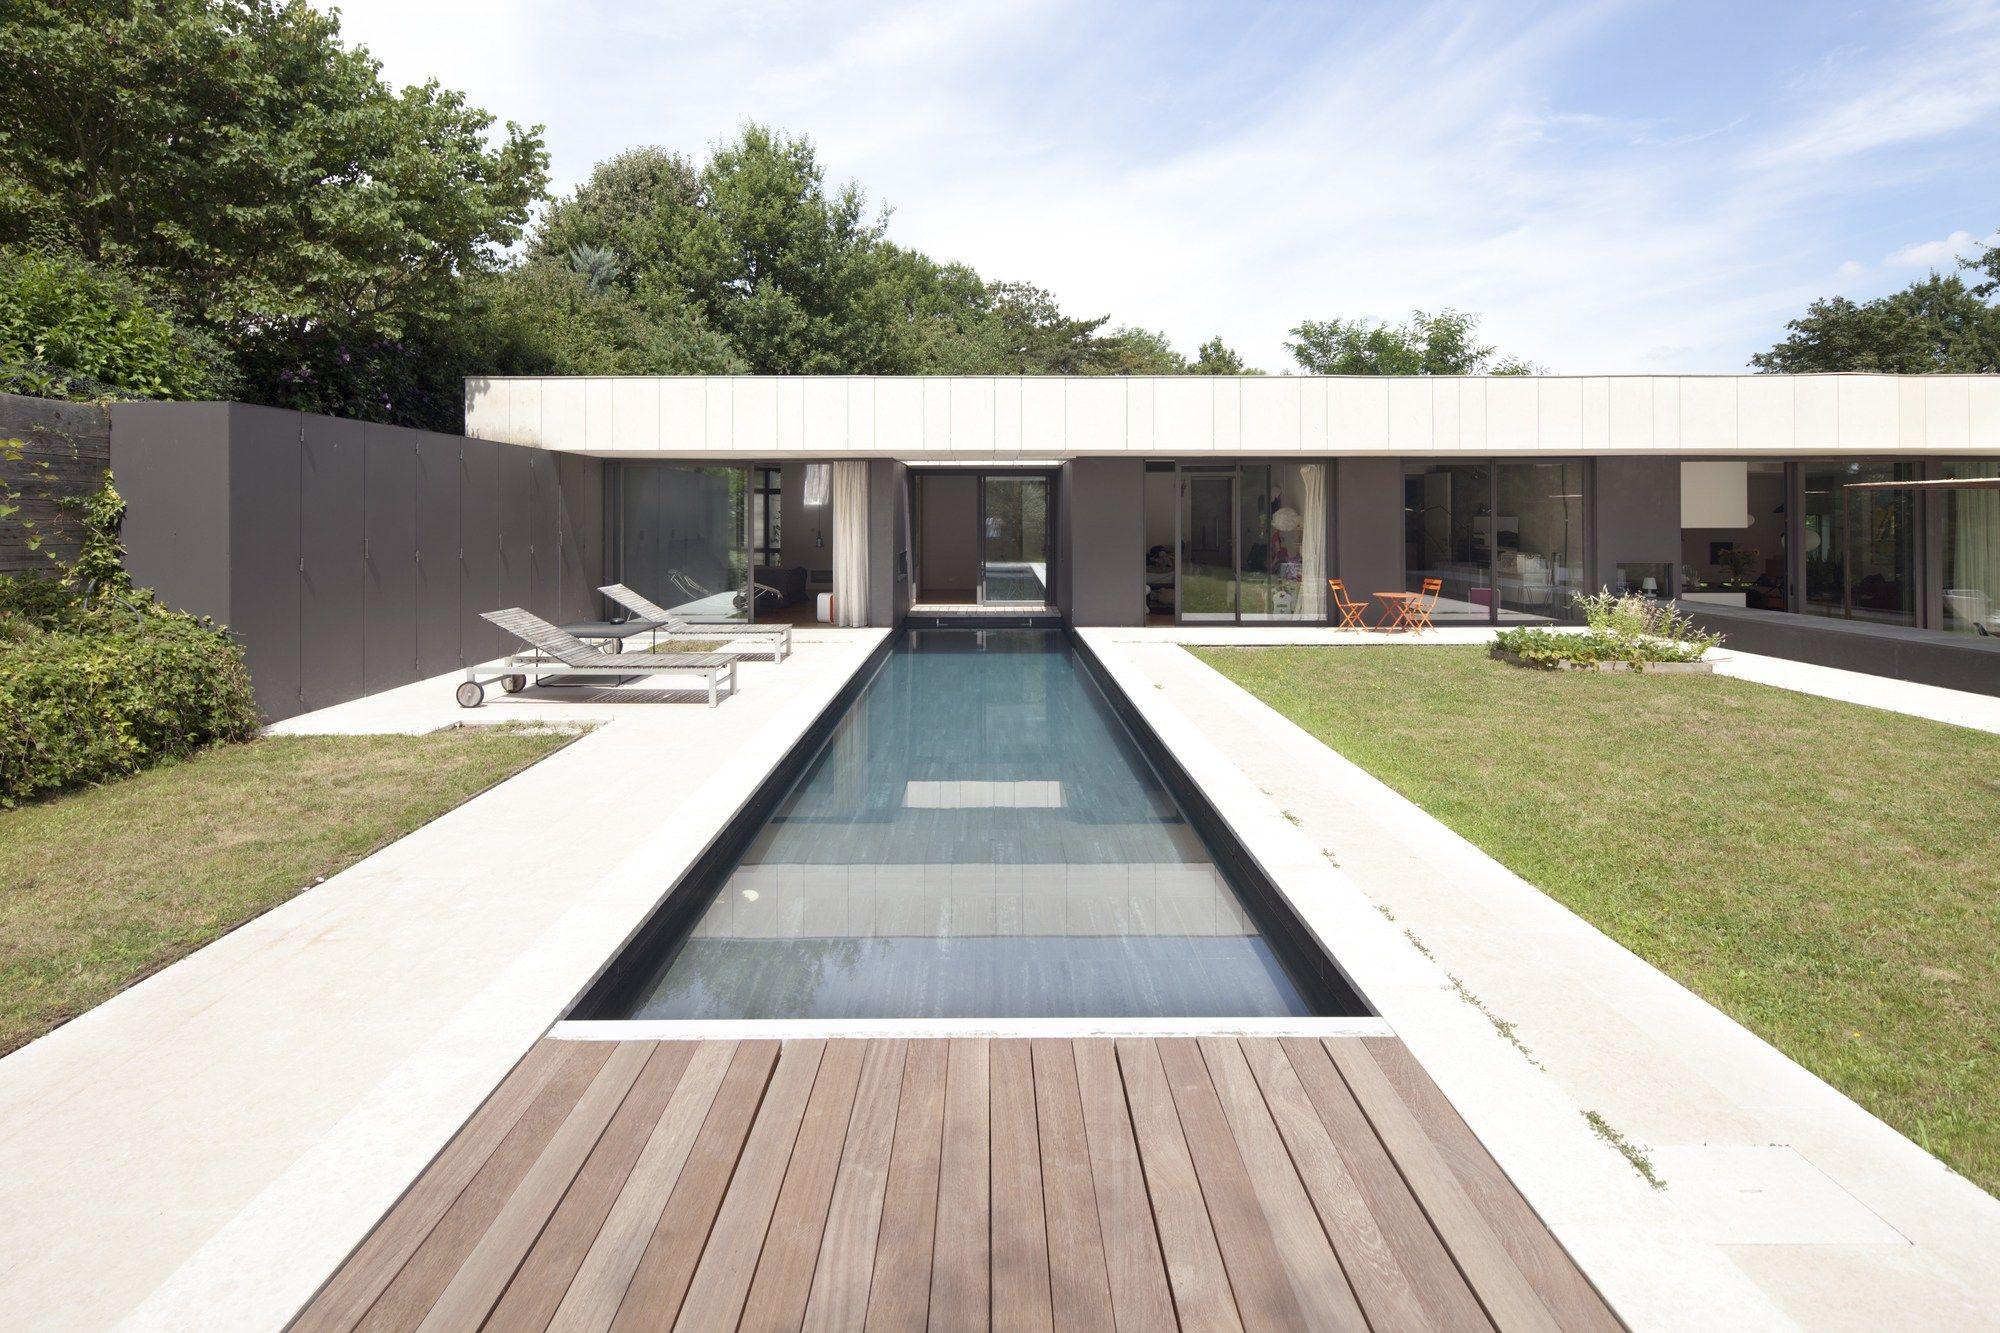 House In Charbonnières Les Bains / Atelier Didier Dalmas